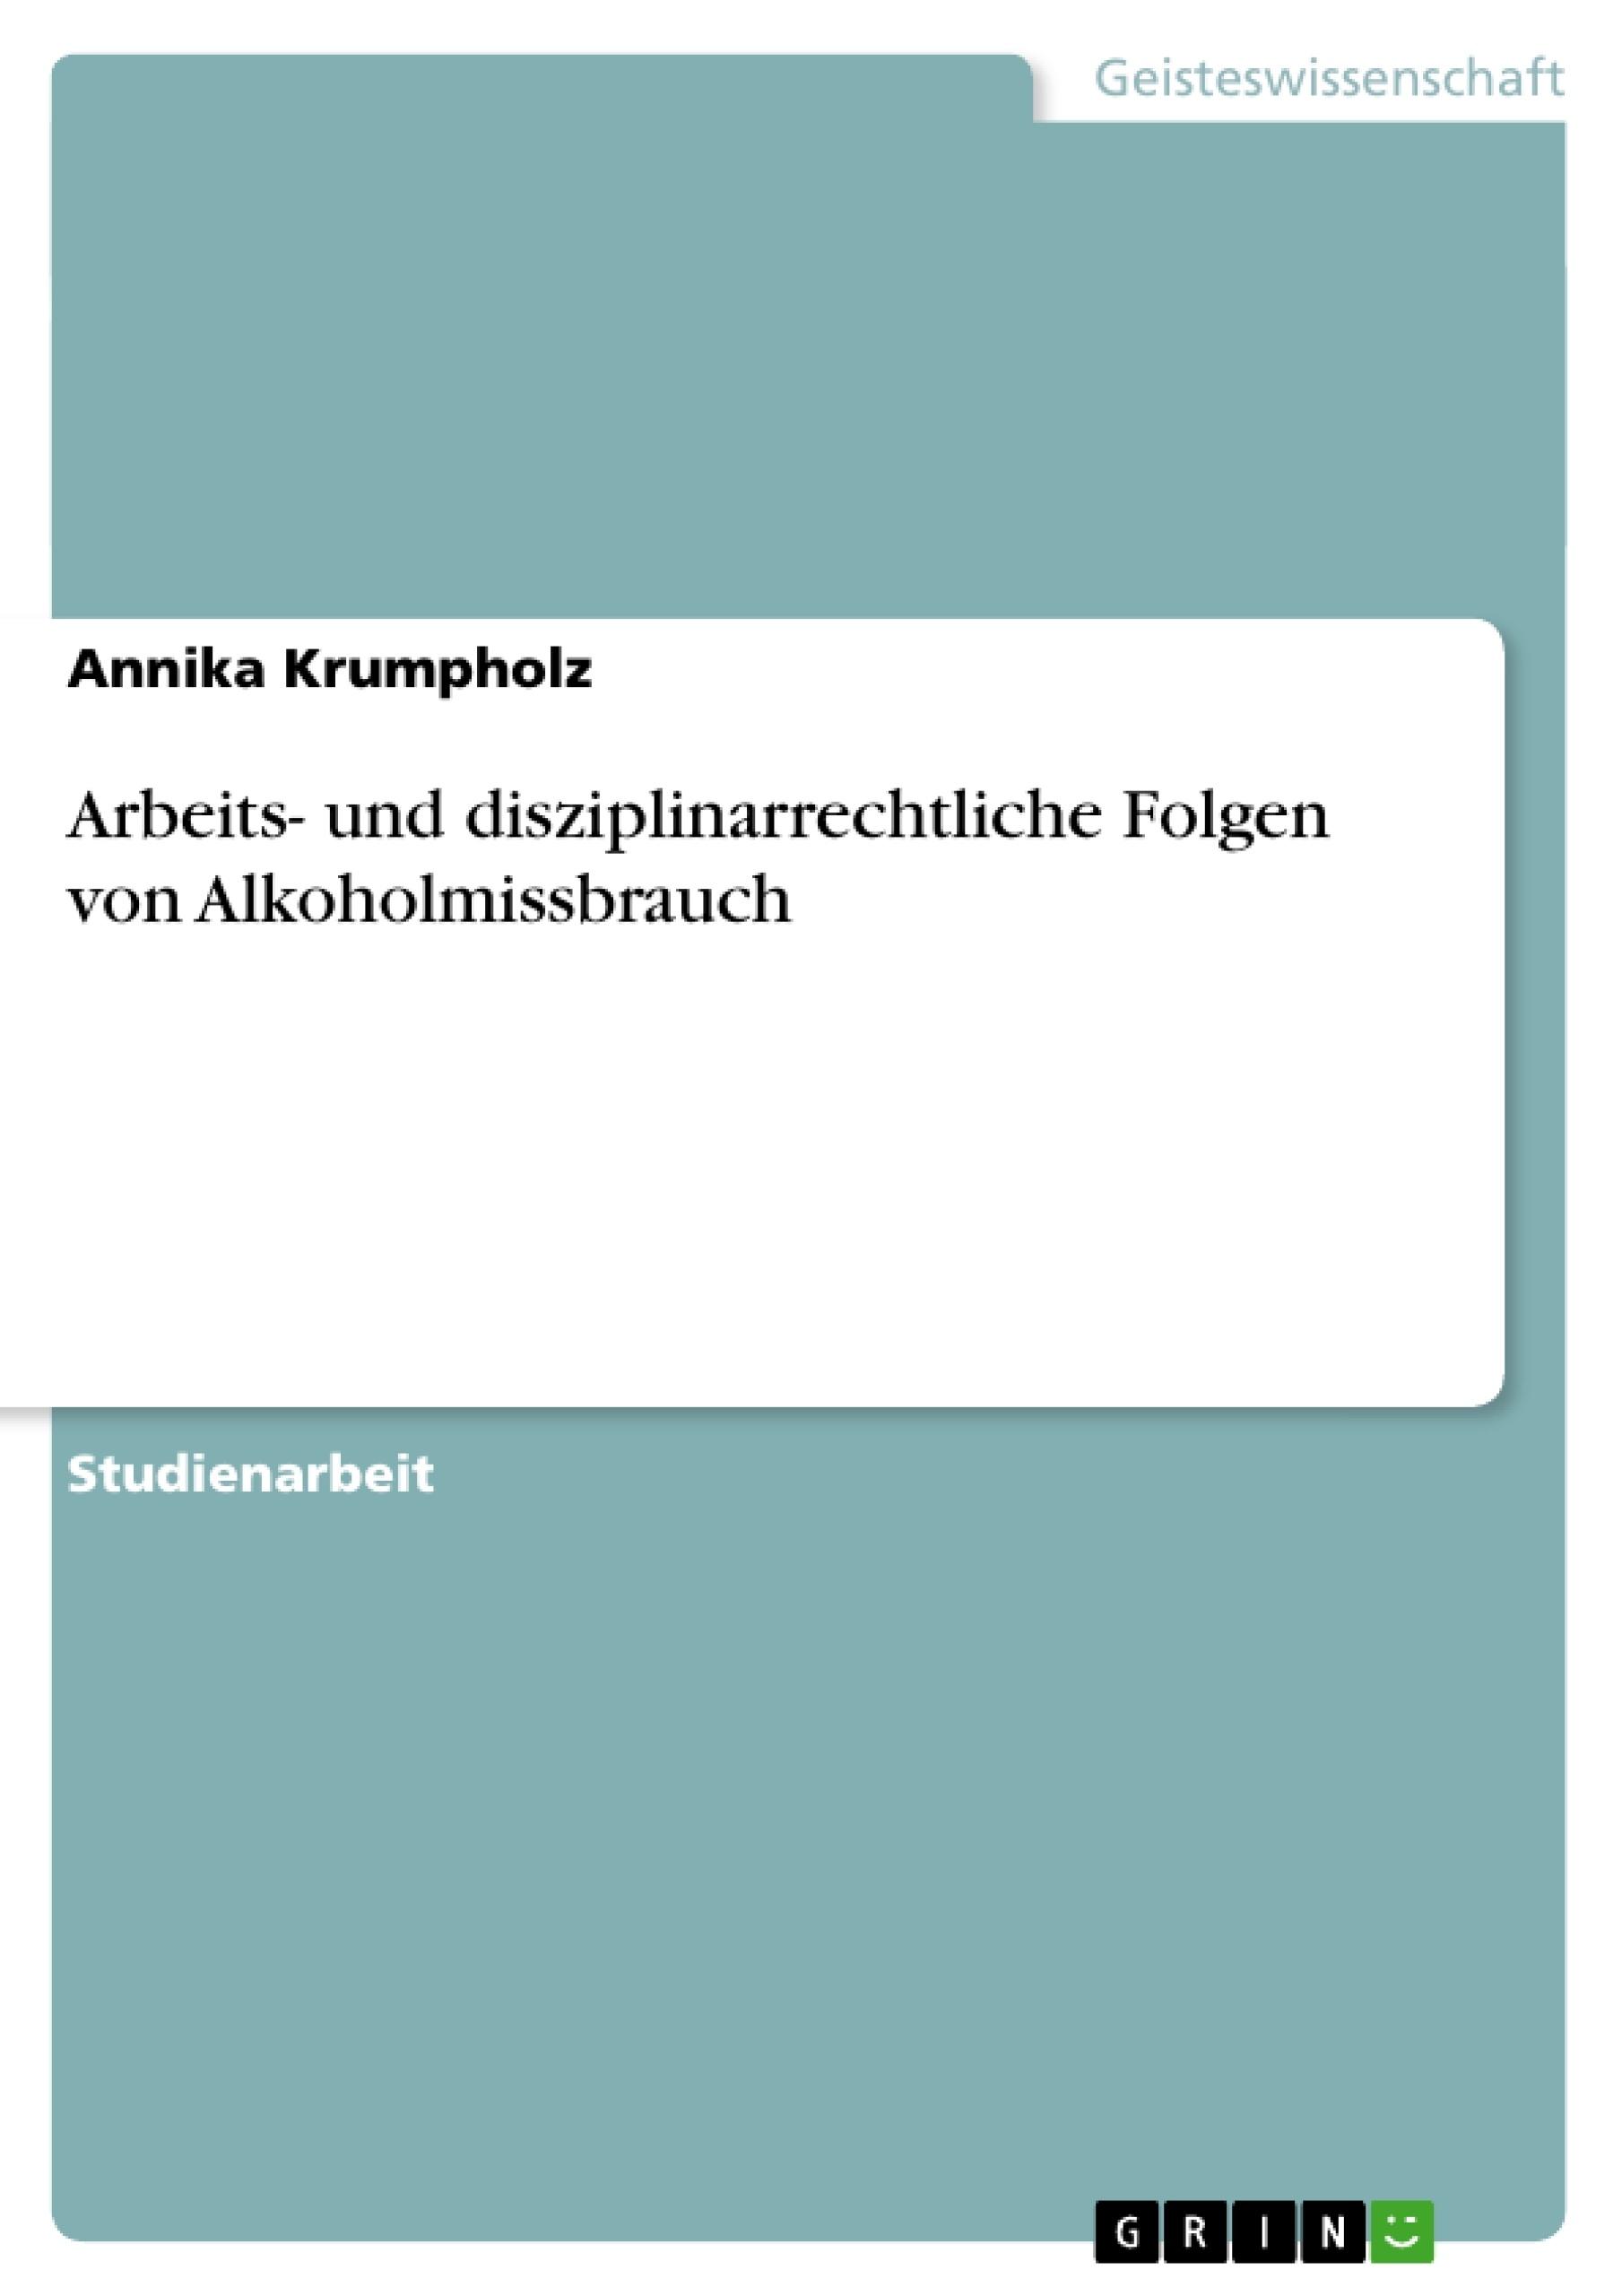 Titel: Arbeits- und disziplinarrechtliche Folgen von Alkoholmissbrauch